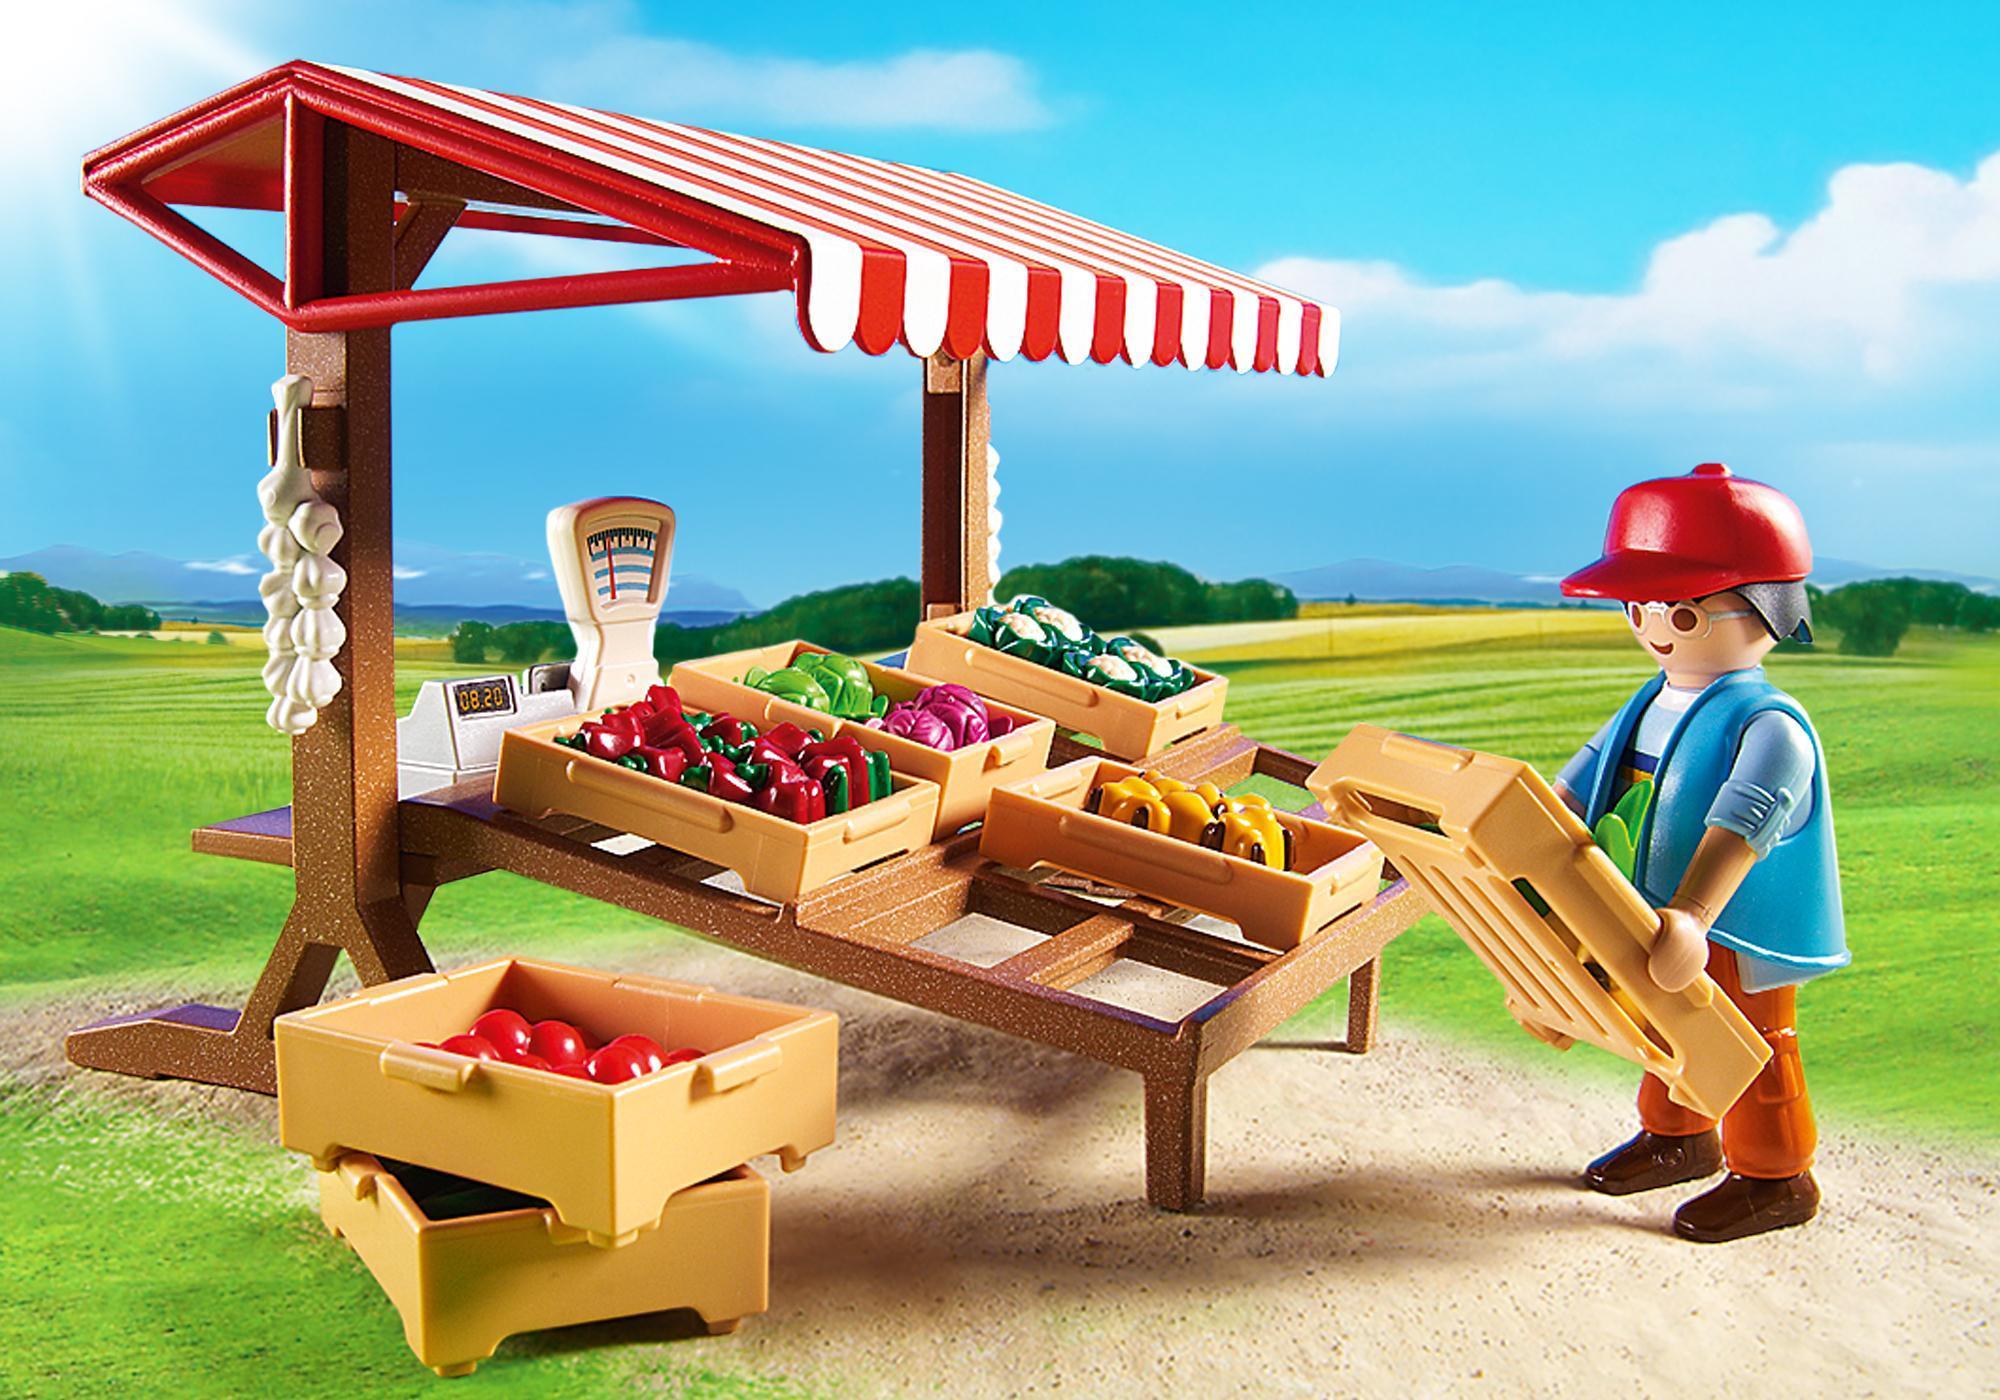 http://media.playmobil.com/i/playmobil/6121_product_extra2/Grönsaksstånd